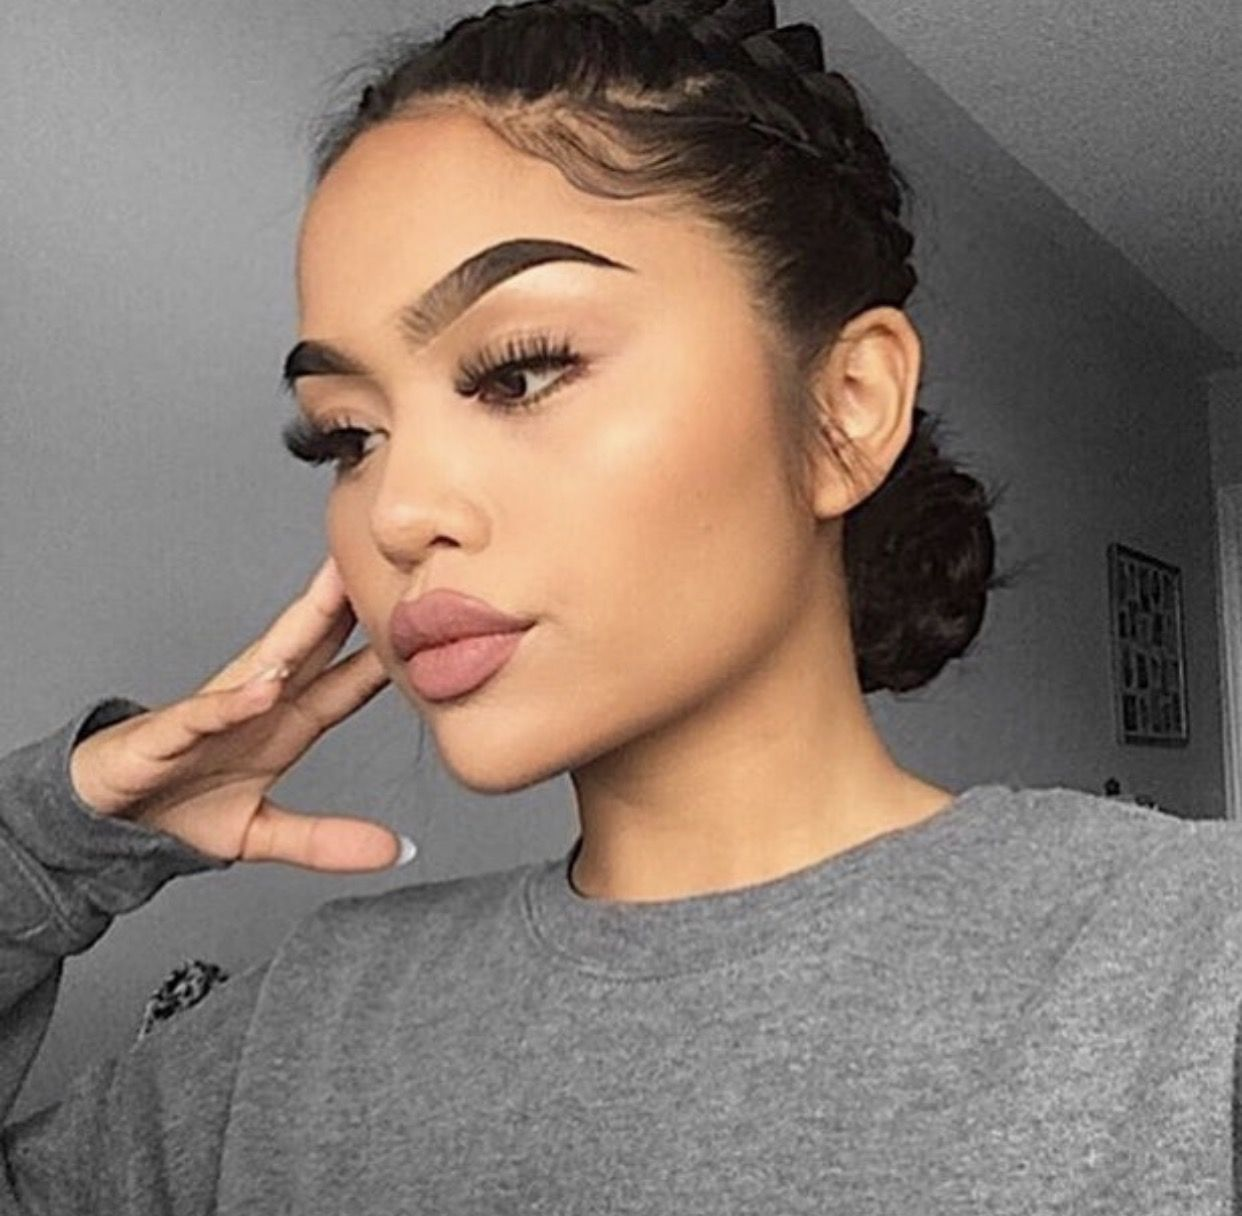 ⚠flawless makeup follow pinterest naturalvon for MORE